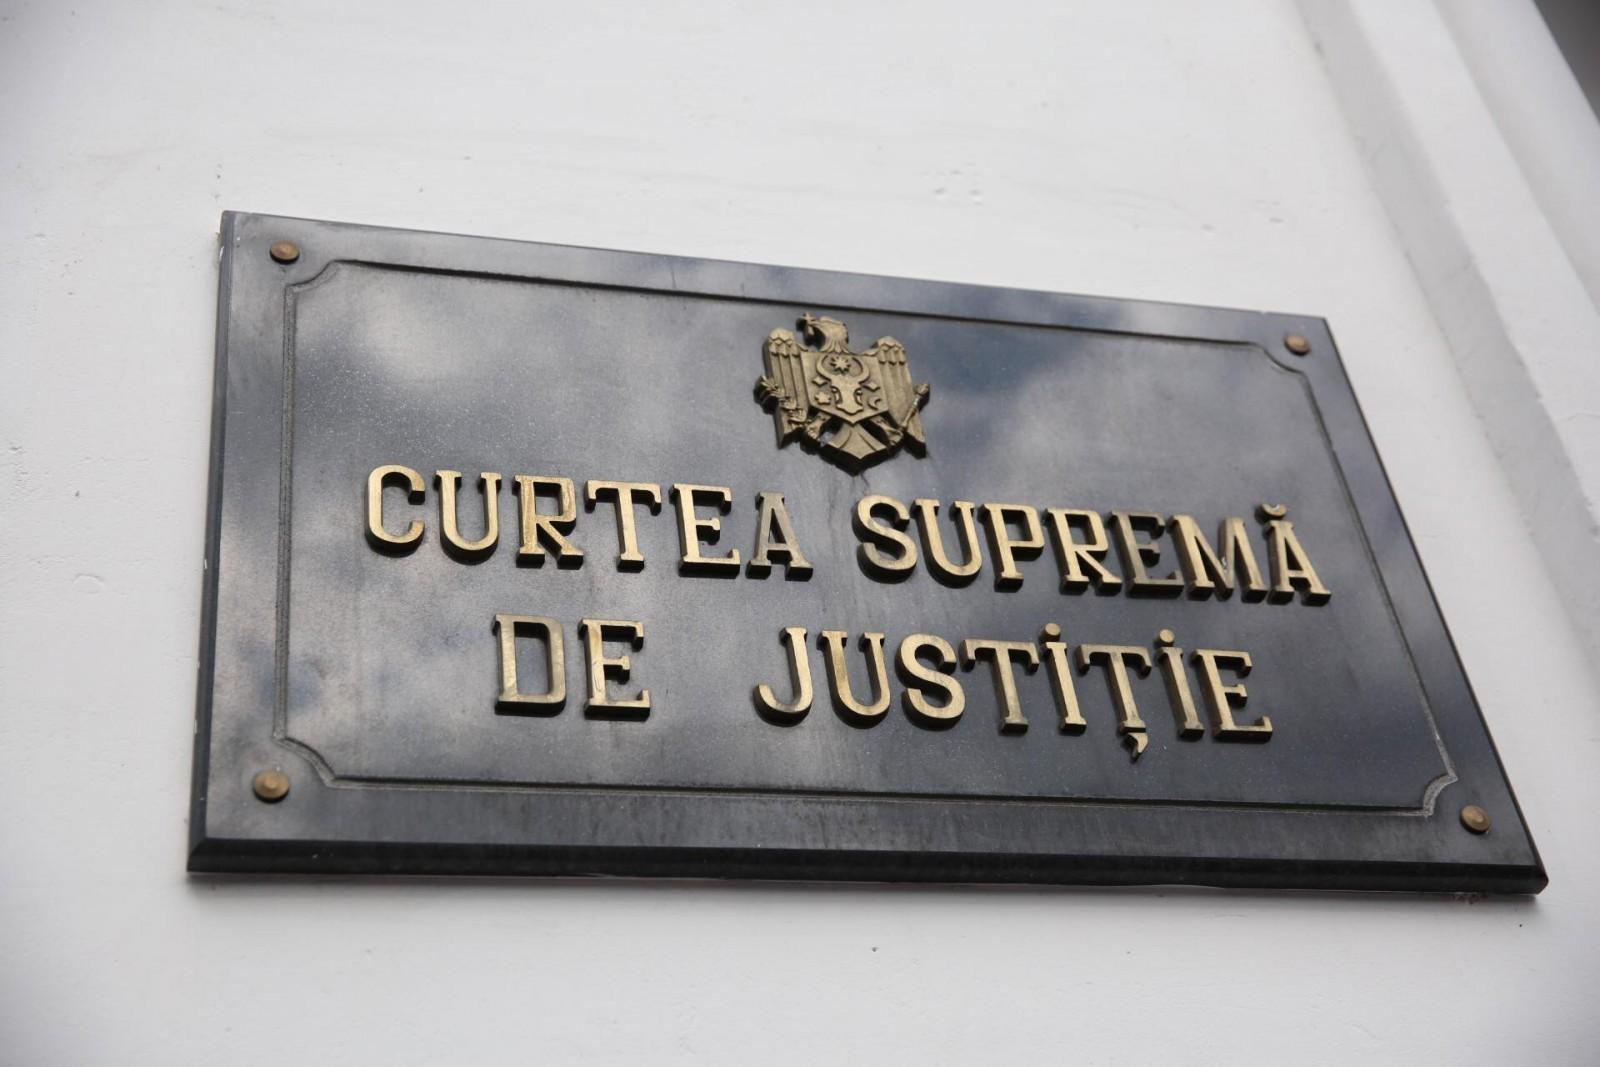 Numărul de judecători la CSJ ar putea fi redus. Planurile Ministerului Justiției